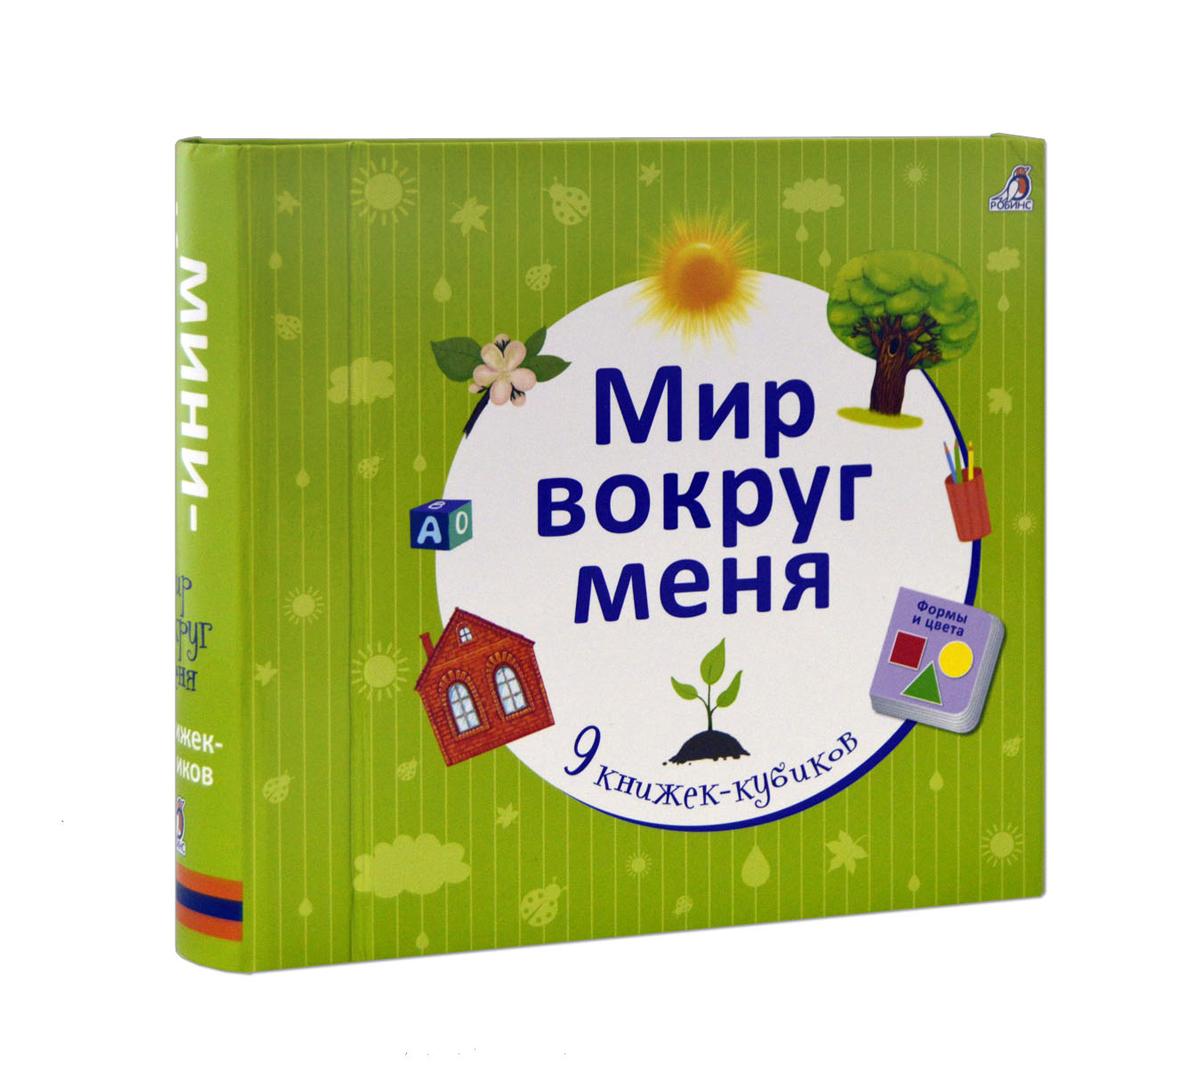 Мир вокруг меня (комплект из 9 книжек-кубиков)12296407Набор книжек-кубиков - это обучающее игровое пособие для детей. Яркие картинки и подписи к ними помогут малышу познакомиться с окружающим миром, научиться произносить первые слова, разобраться в простых и сложных понятиях о мире вокруг, а также научиться сравнивать предметы, описывать их свойства и мн. другое. В наборе вы найдете 9 мини-книжек на самые разные темы. Собирайте из кубиков пирамидки, играйте с книжками как с погремушками, рассматривайте картинки, произносите и запоминайте новые слова, собирайте картинку-пазл, которая спрятана на обороте книжек-кубиков. В чем особенность книги: Удобная форма коробки для игры с ребёнком. Каждая книжка-погремушка сделана из очень плотного материала со скругленными уголками, поэтому малышу будет непросто порвать или испортить их, а так же пораниться. Книжками-погремушками можно греметь и трещать (сложив первую и последнюю страницу вместе), как музыкальными...